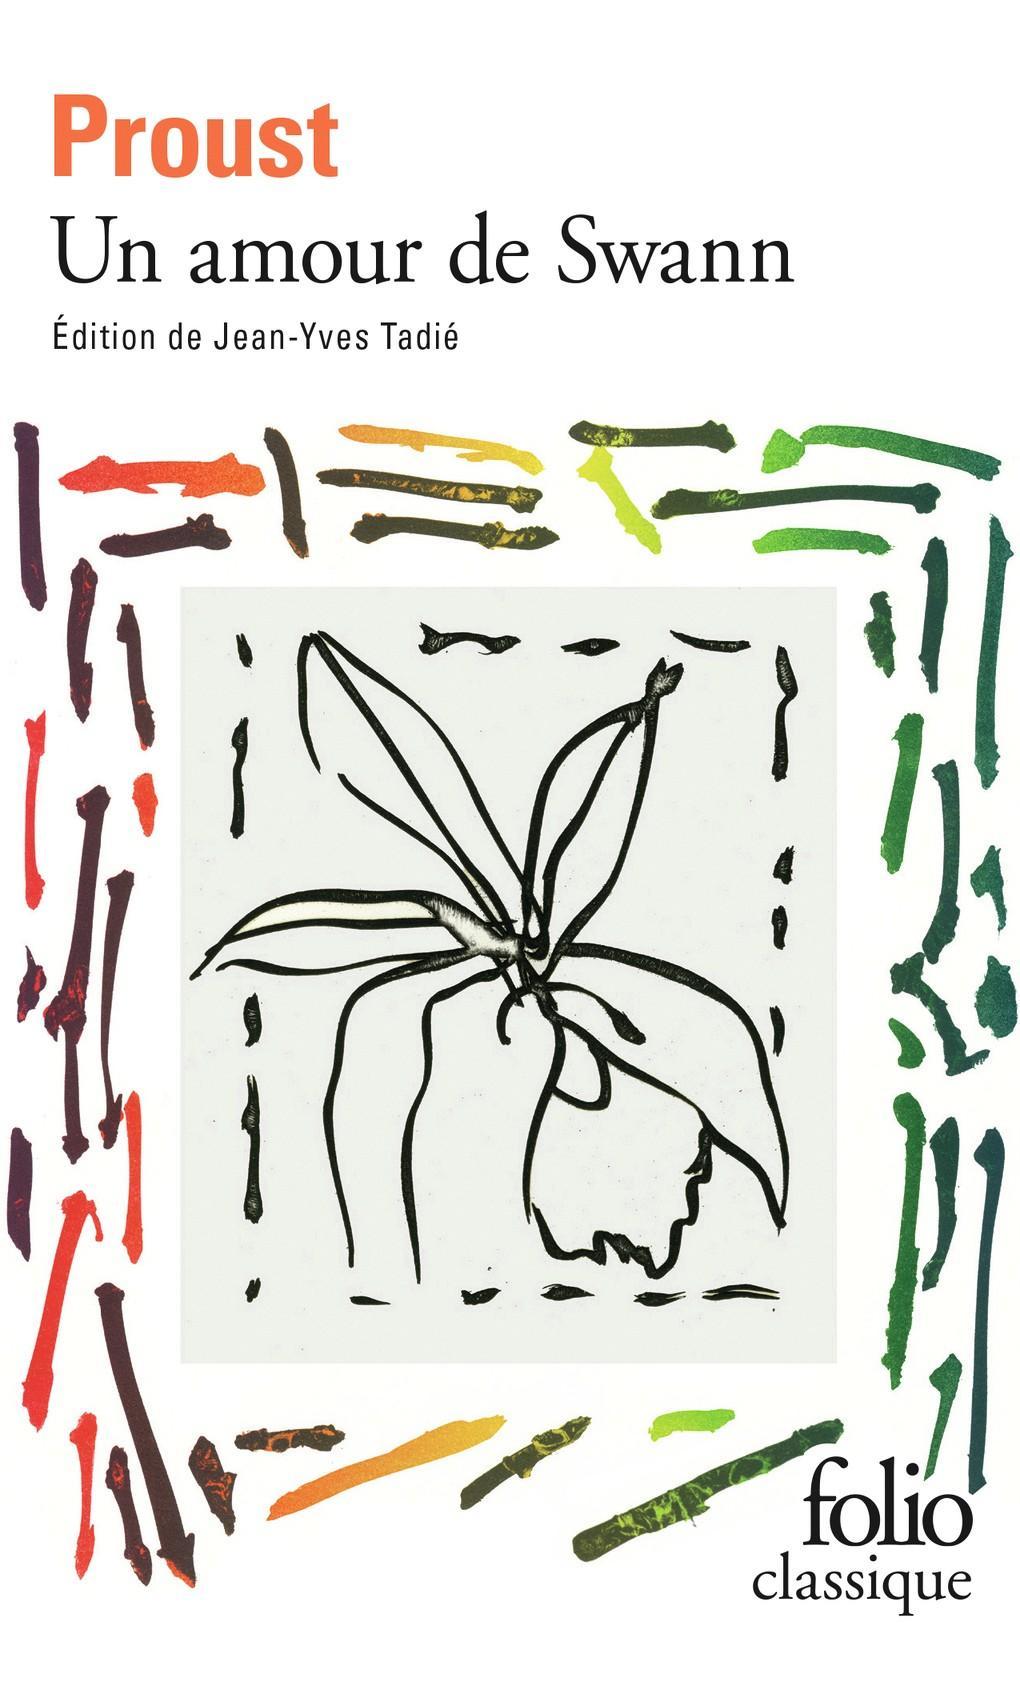 Proust, Un amour de Swann, Édition de Jean-Yves Tadié.